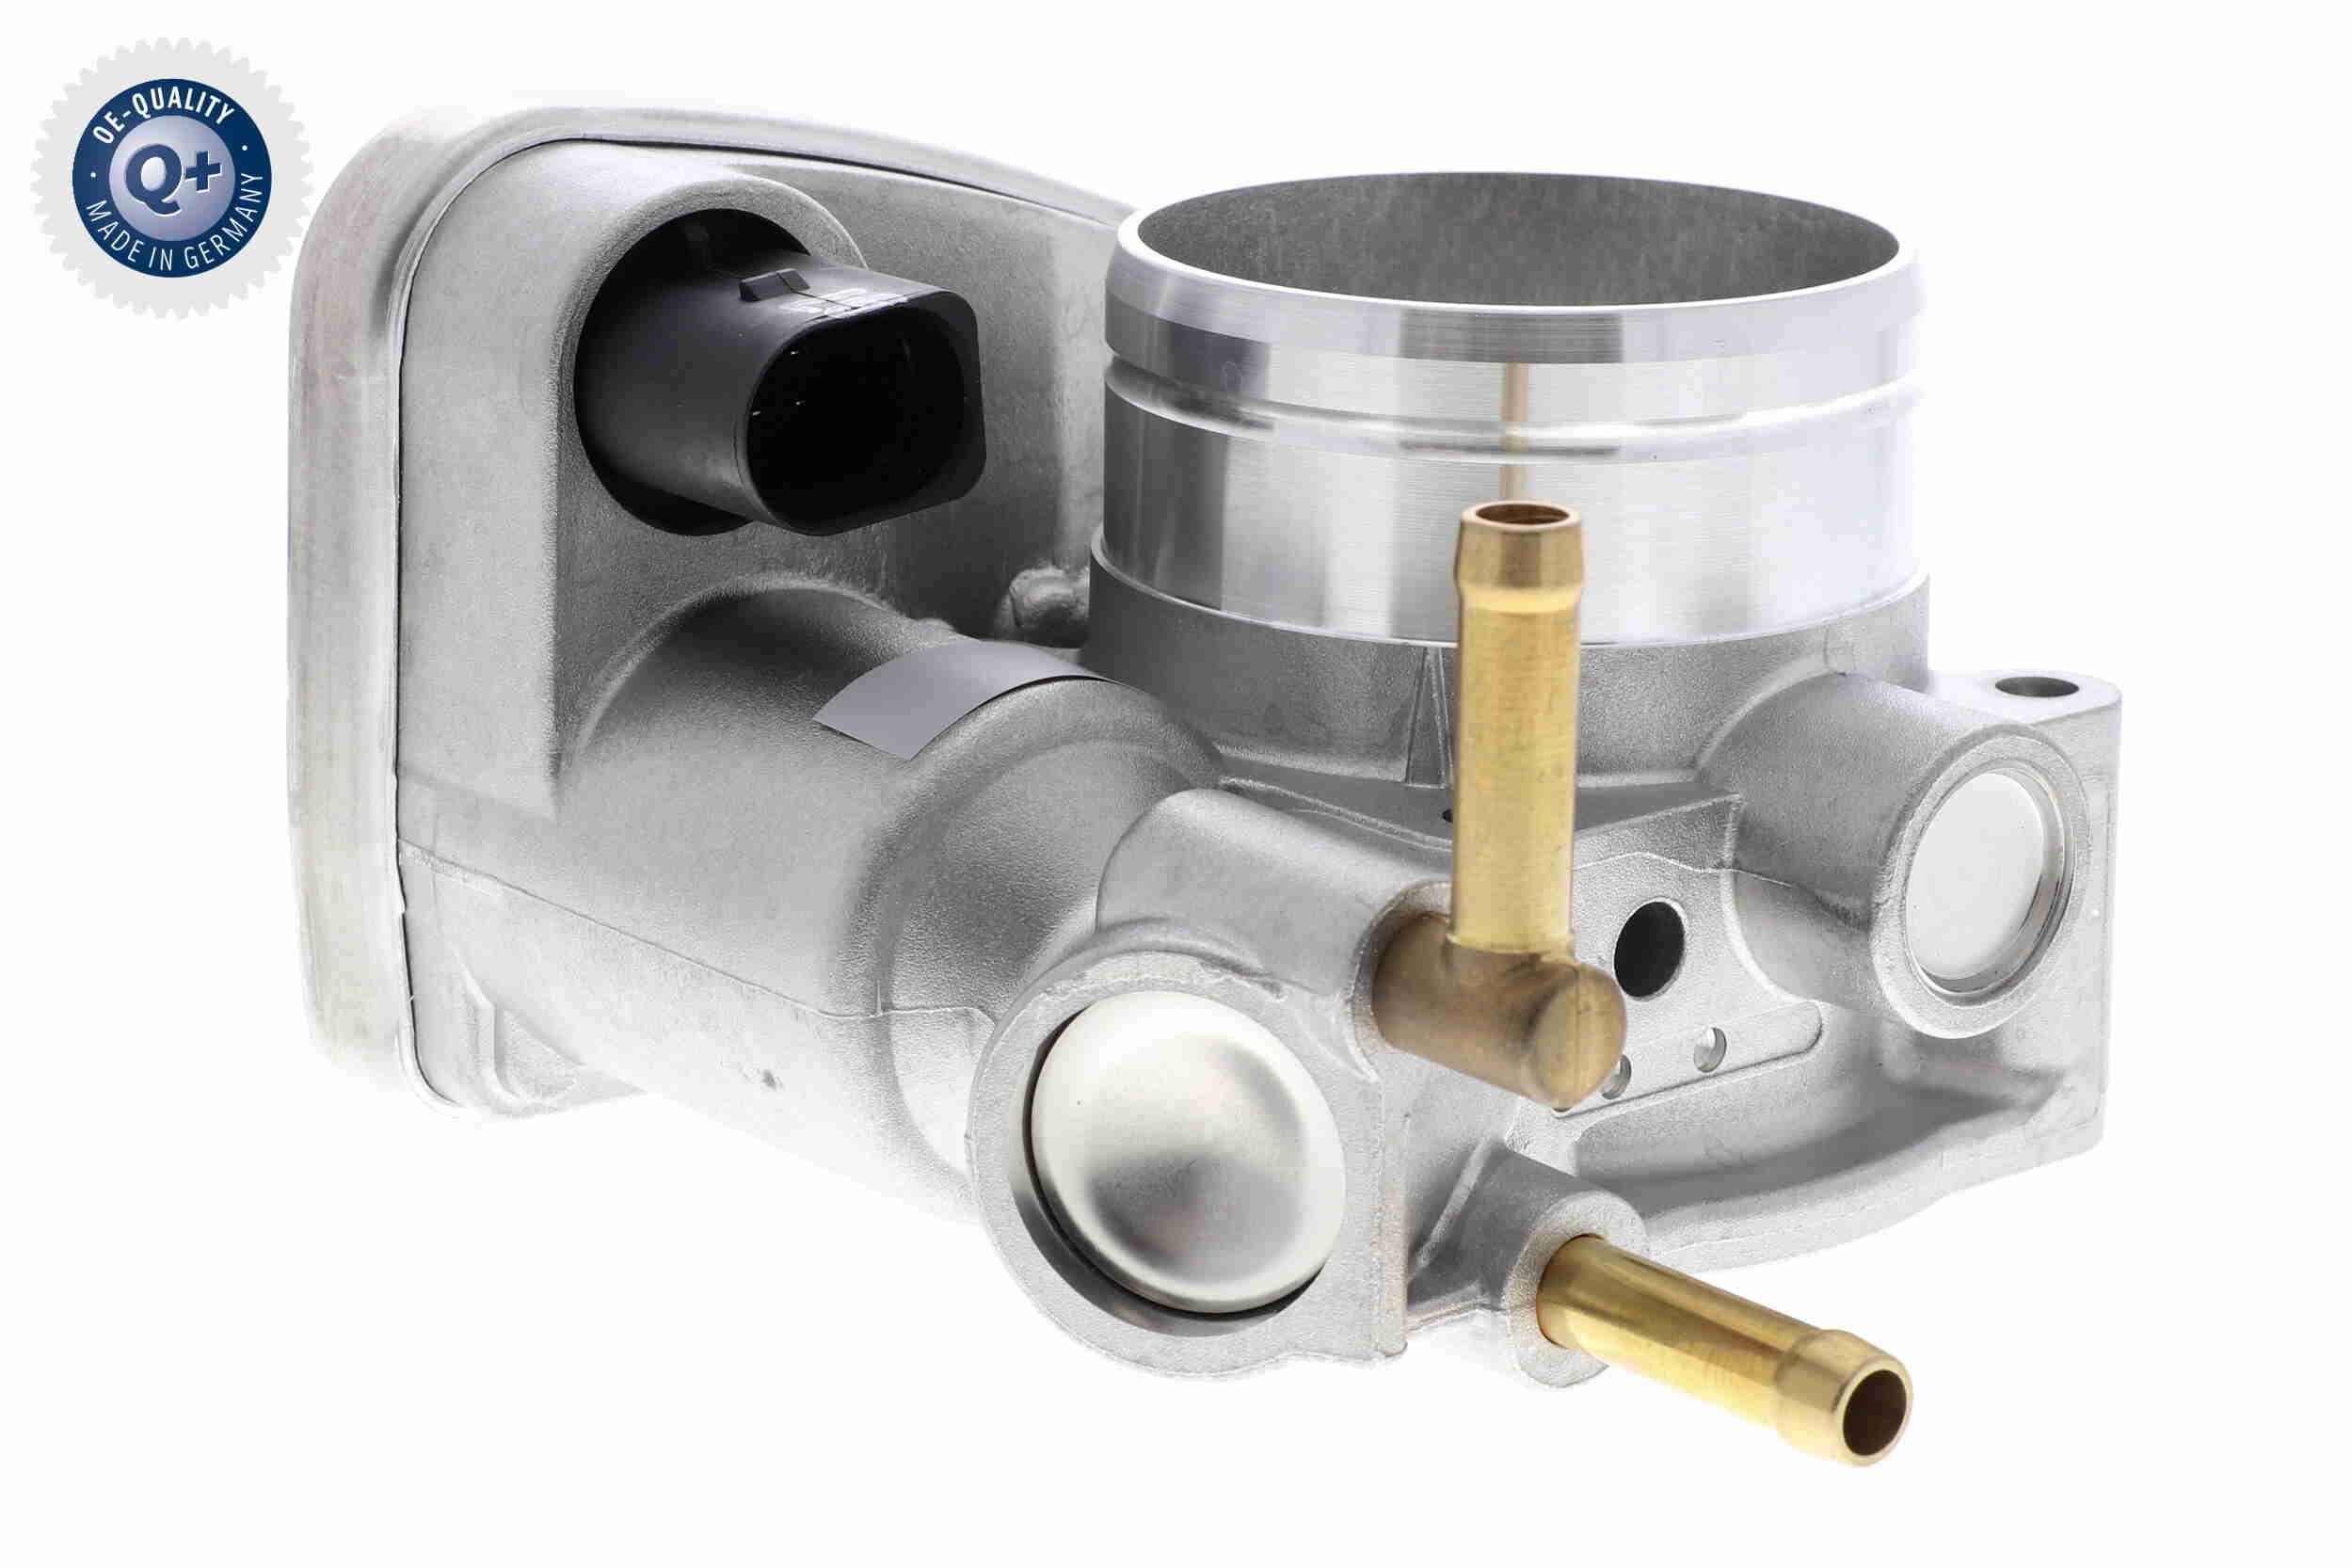 Drosselklappenstutzen V10-81-0070 VEMO V10-81-0070 in Original Qualität